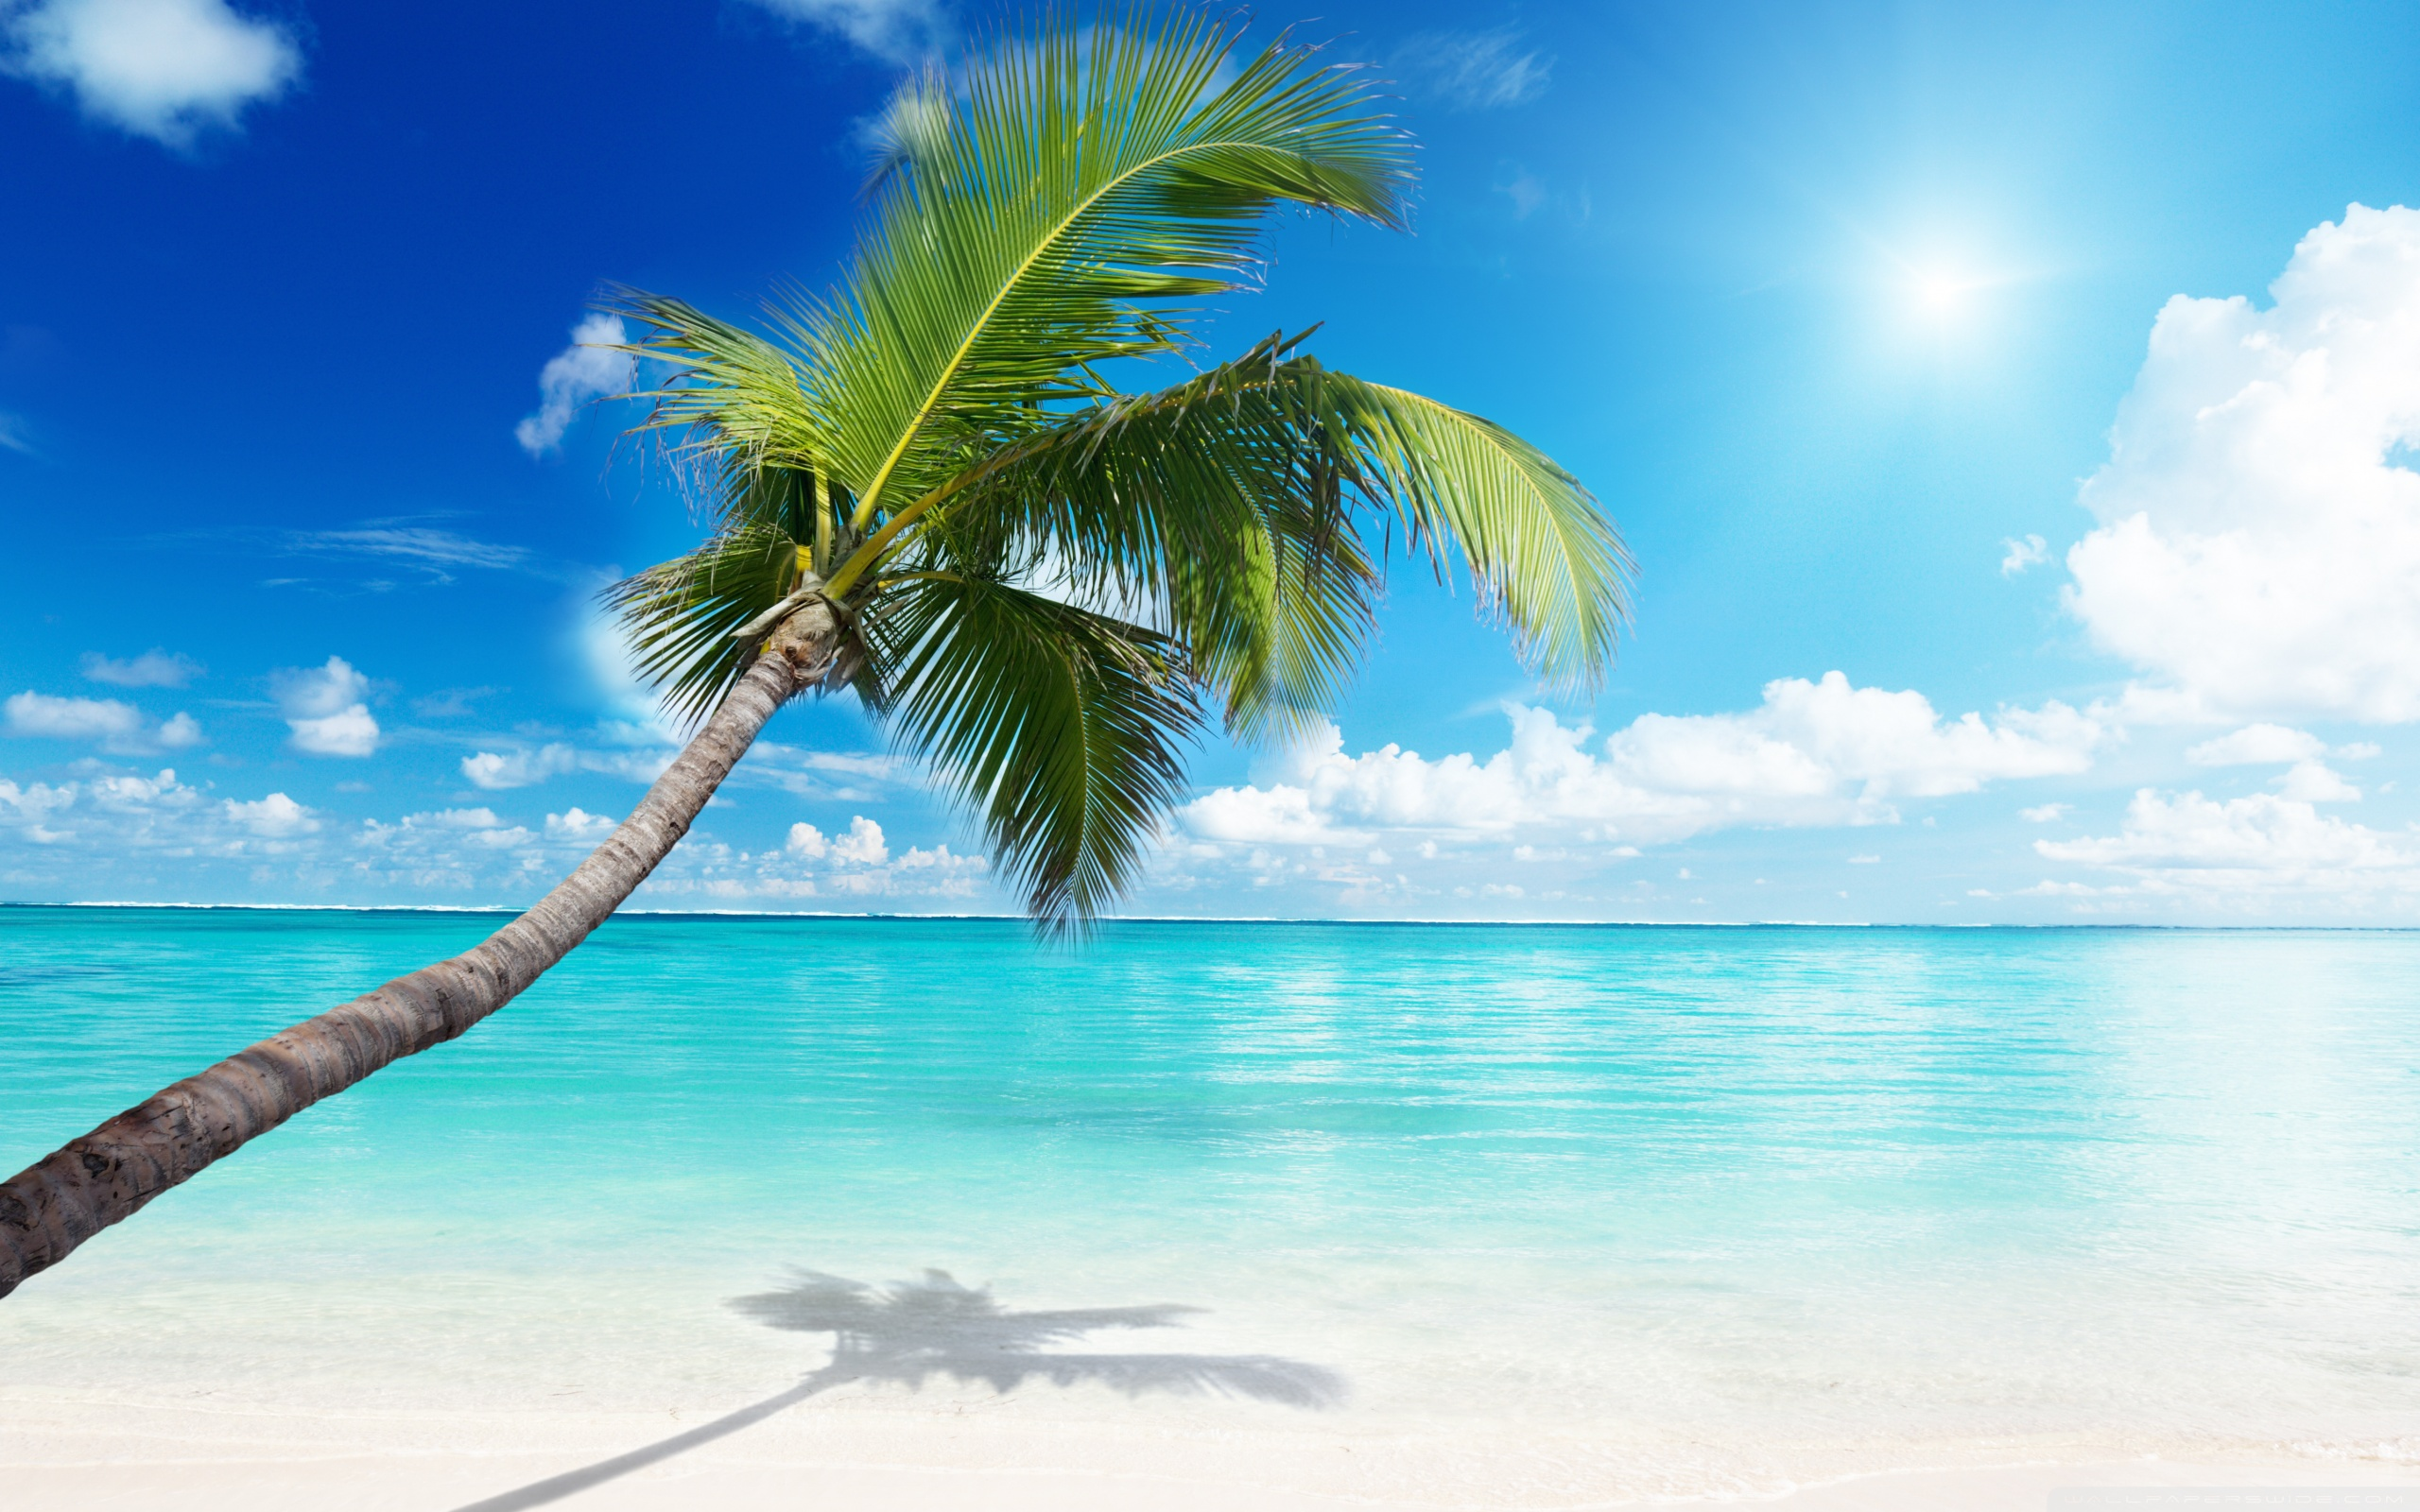 Palm Tree Beach 4k Hd Desktop Wallpaper For 4k Ultra Hd Tv: Palm Tree Beach 4K HD Desktop Wallpaper For 4K Ultra HD TV